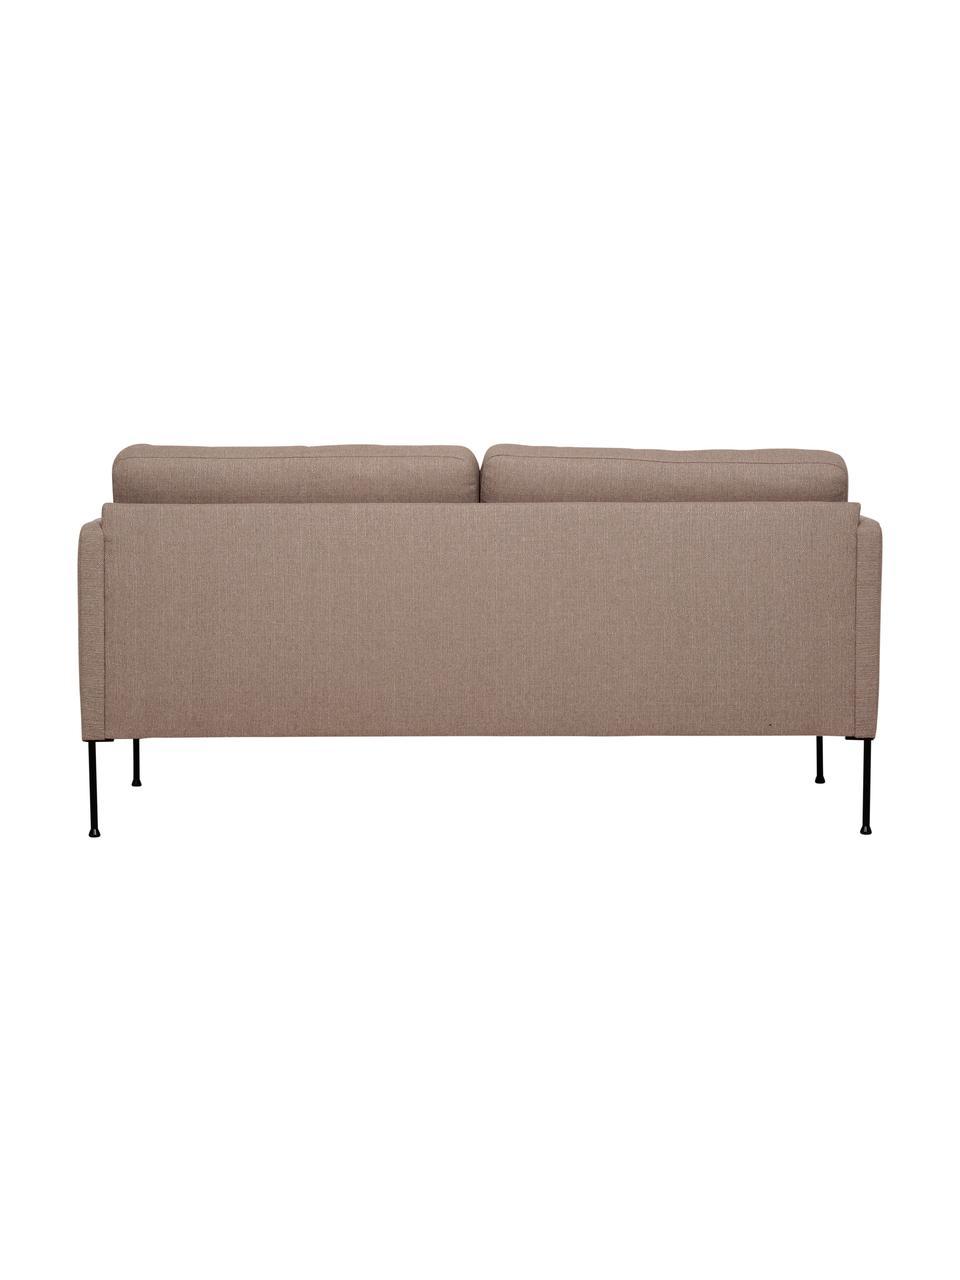 Sofa Fluente (2-Sitzer) in Taupe mit Metall-Füßen, Bezug: 100% Polyester 35.000 Sch, Gestell: Massives Kiefernholz, Füße: Metall, pulverbeschichtet, Webstoff Taupe, B 166 x T 85 cm